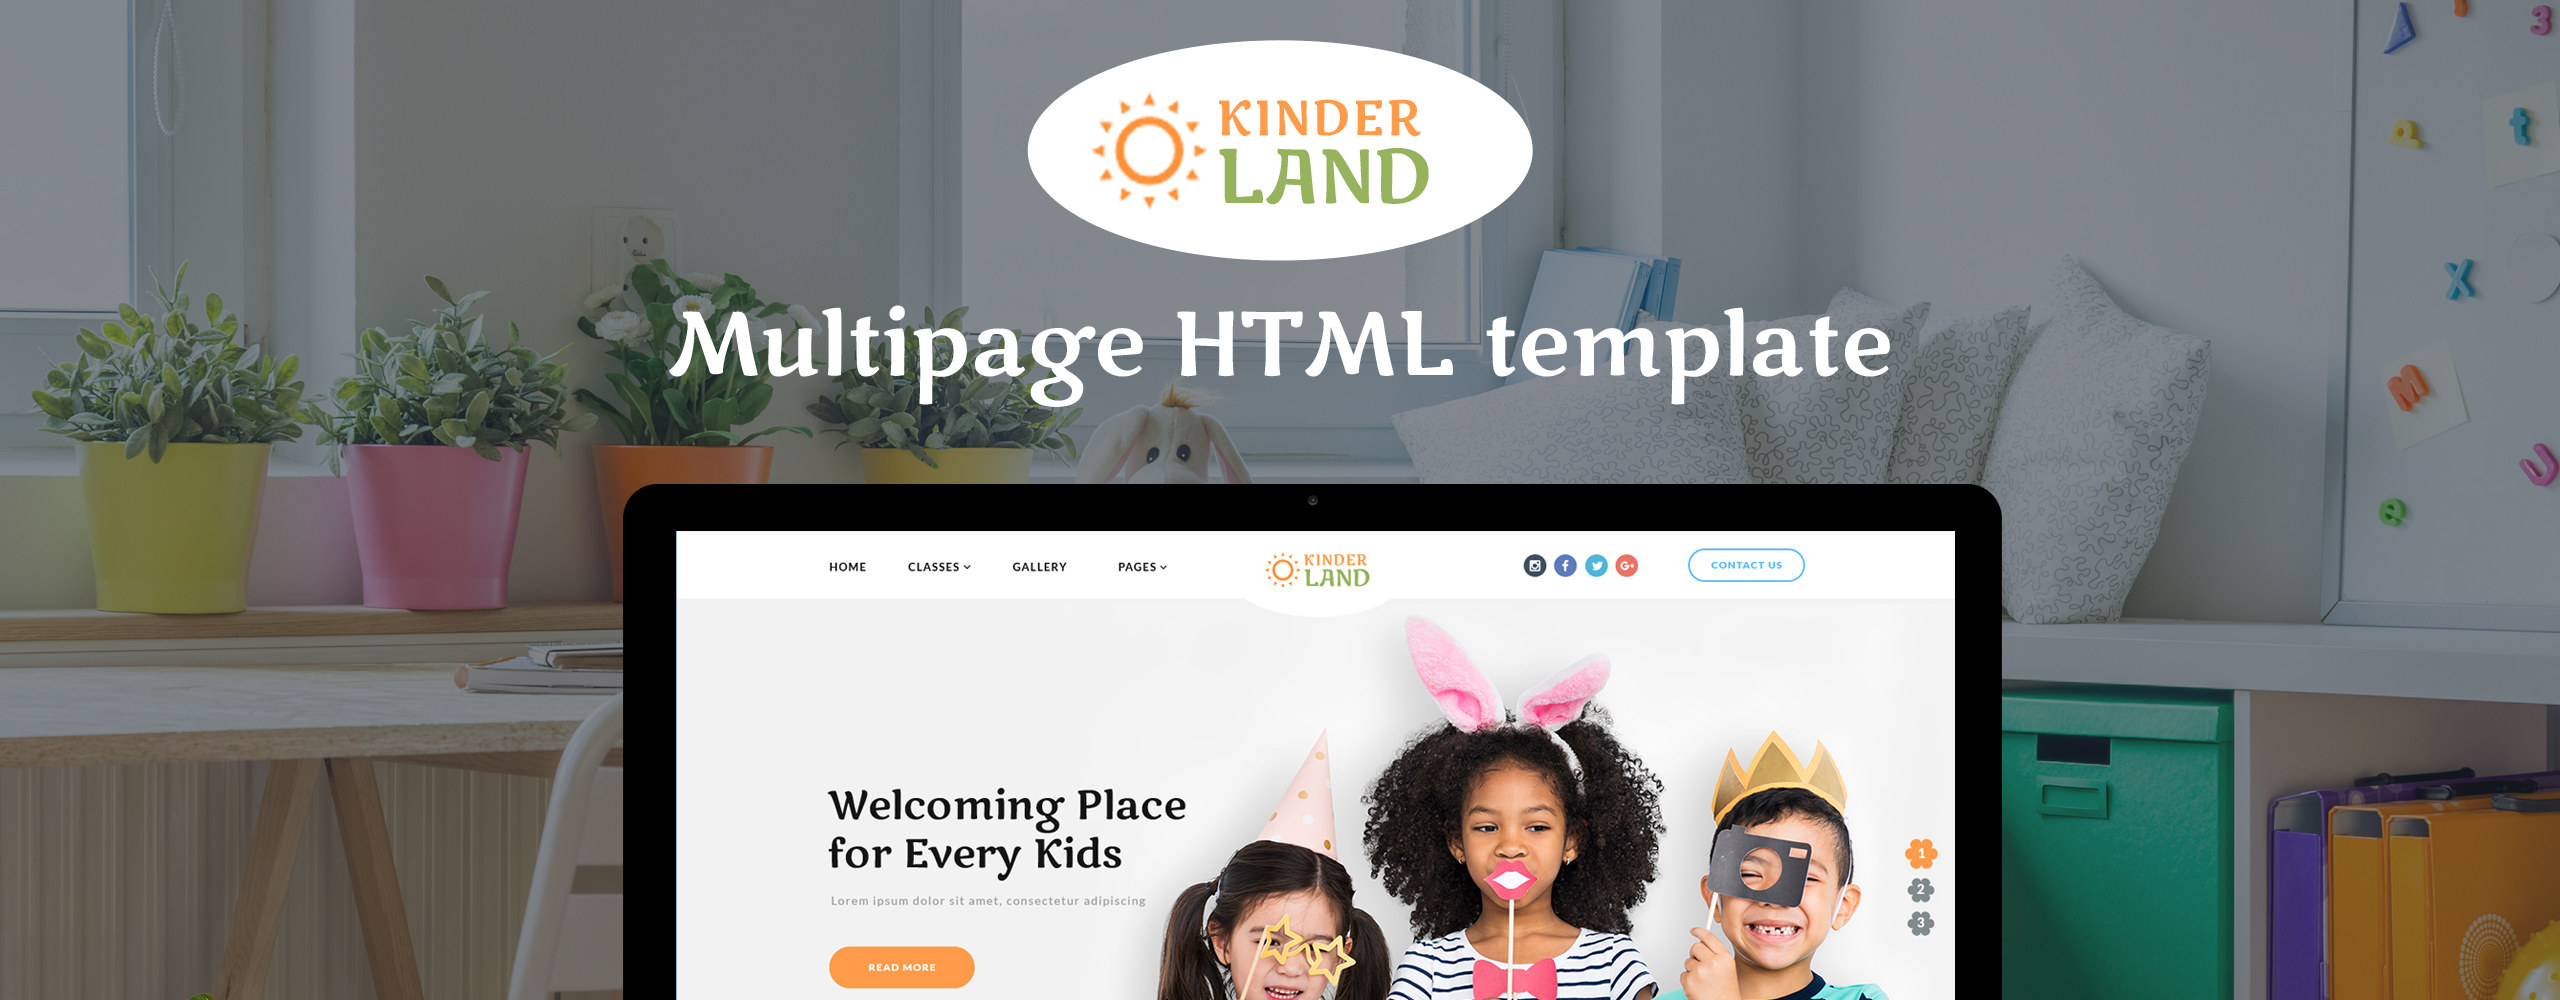 Kinder Land - Kids Center Responsive HTML5 Website Template